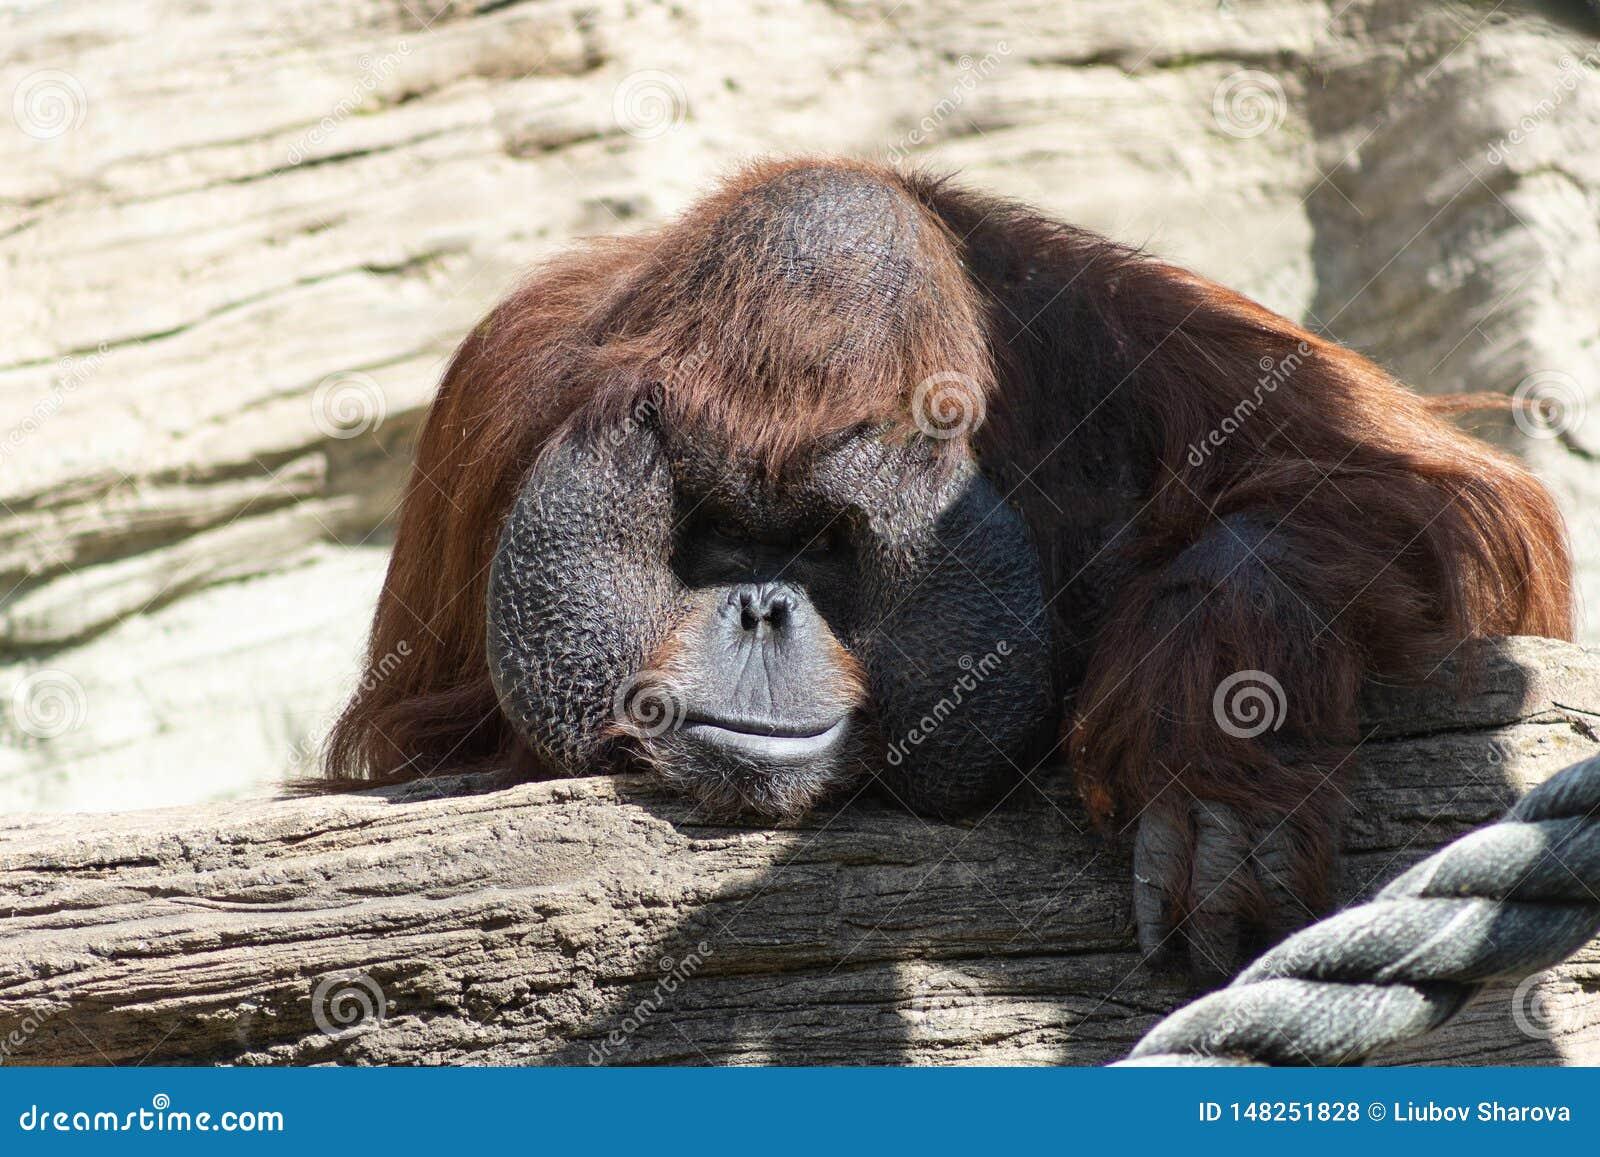 与一张滑稽的面孔的懒惰观看发生了什么的一只沉思橙色猩猩的画象